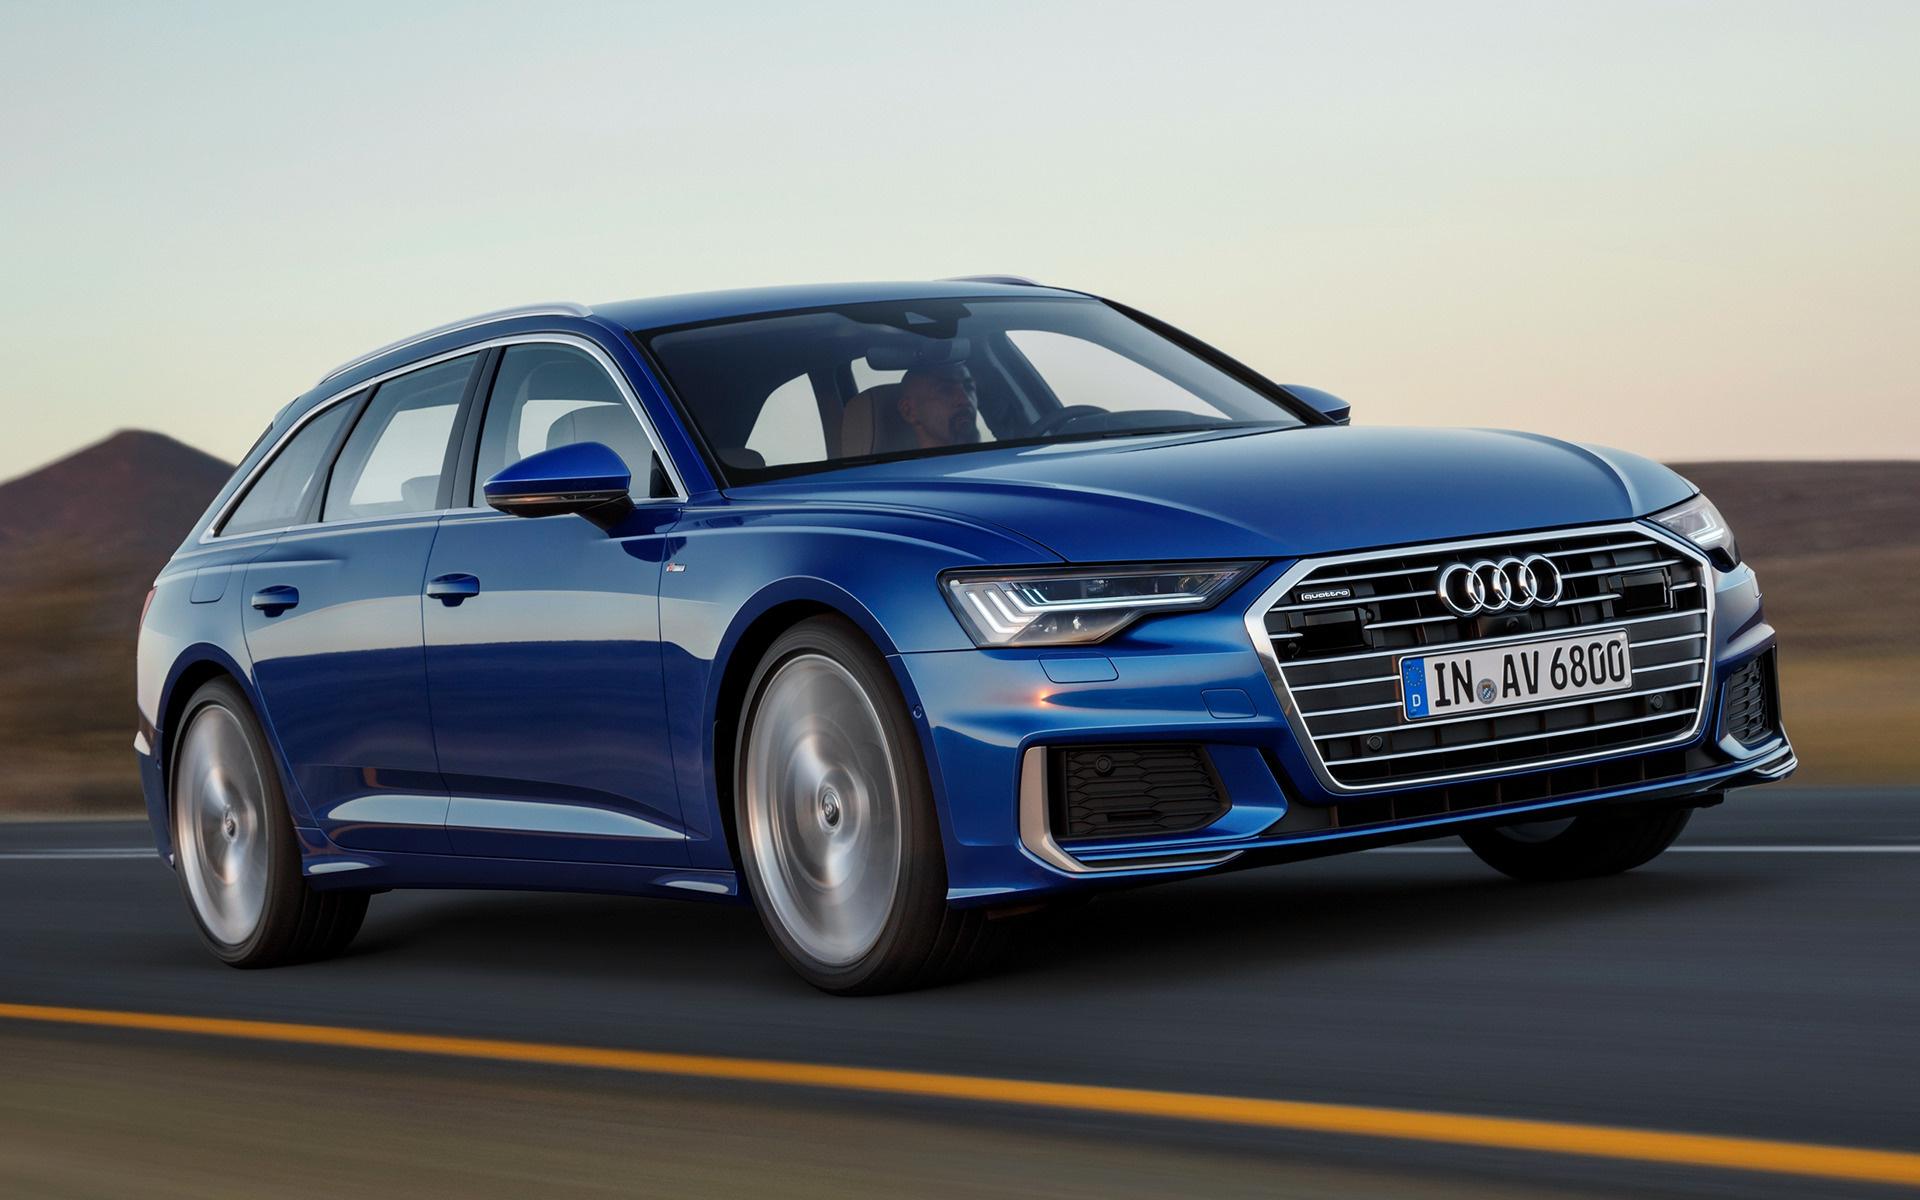 Kelebihan Kekurangan Audi A6 2018 Review